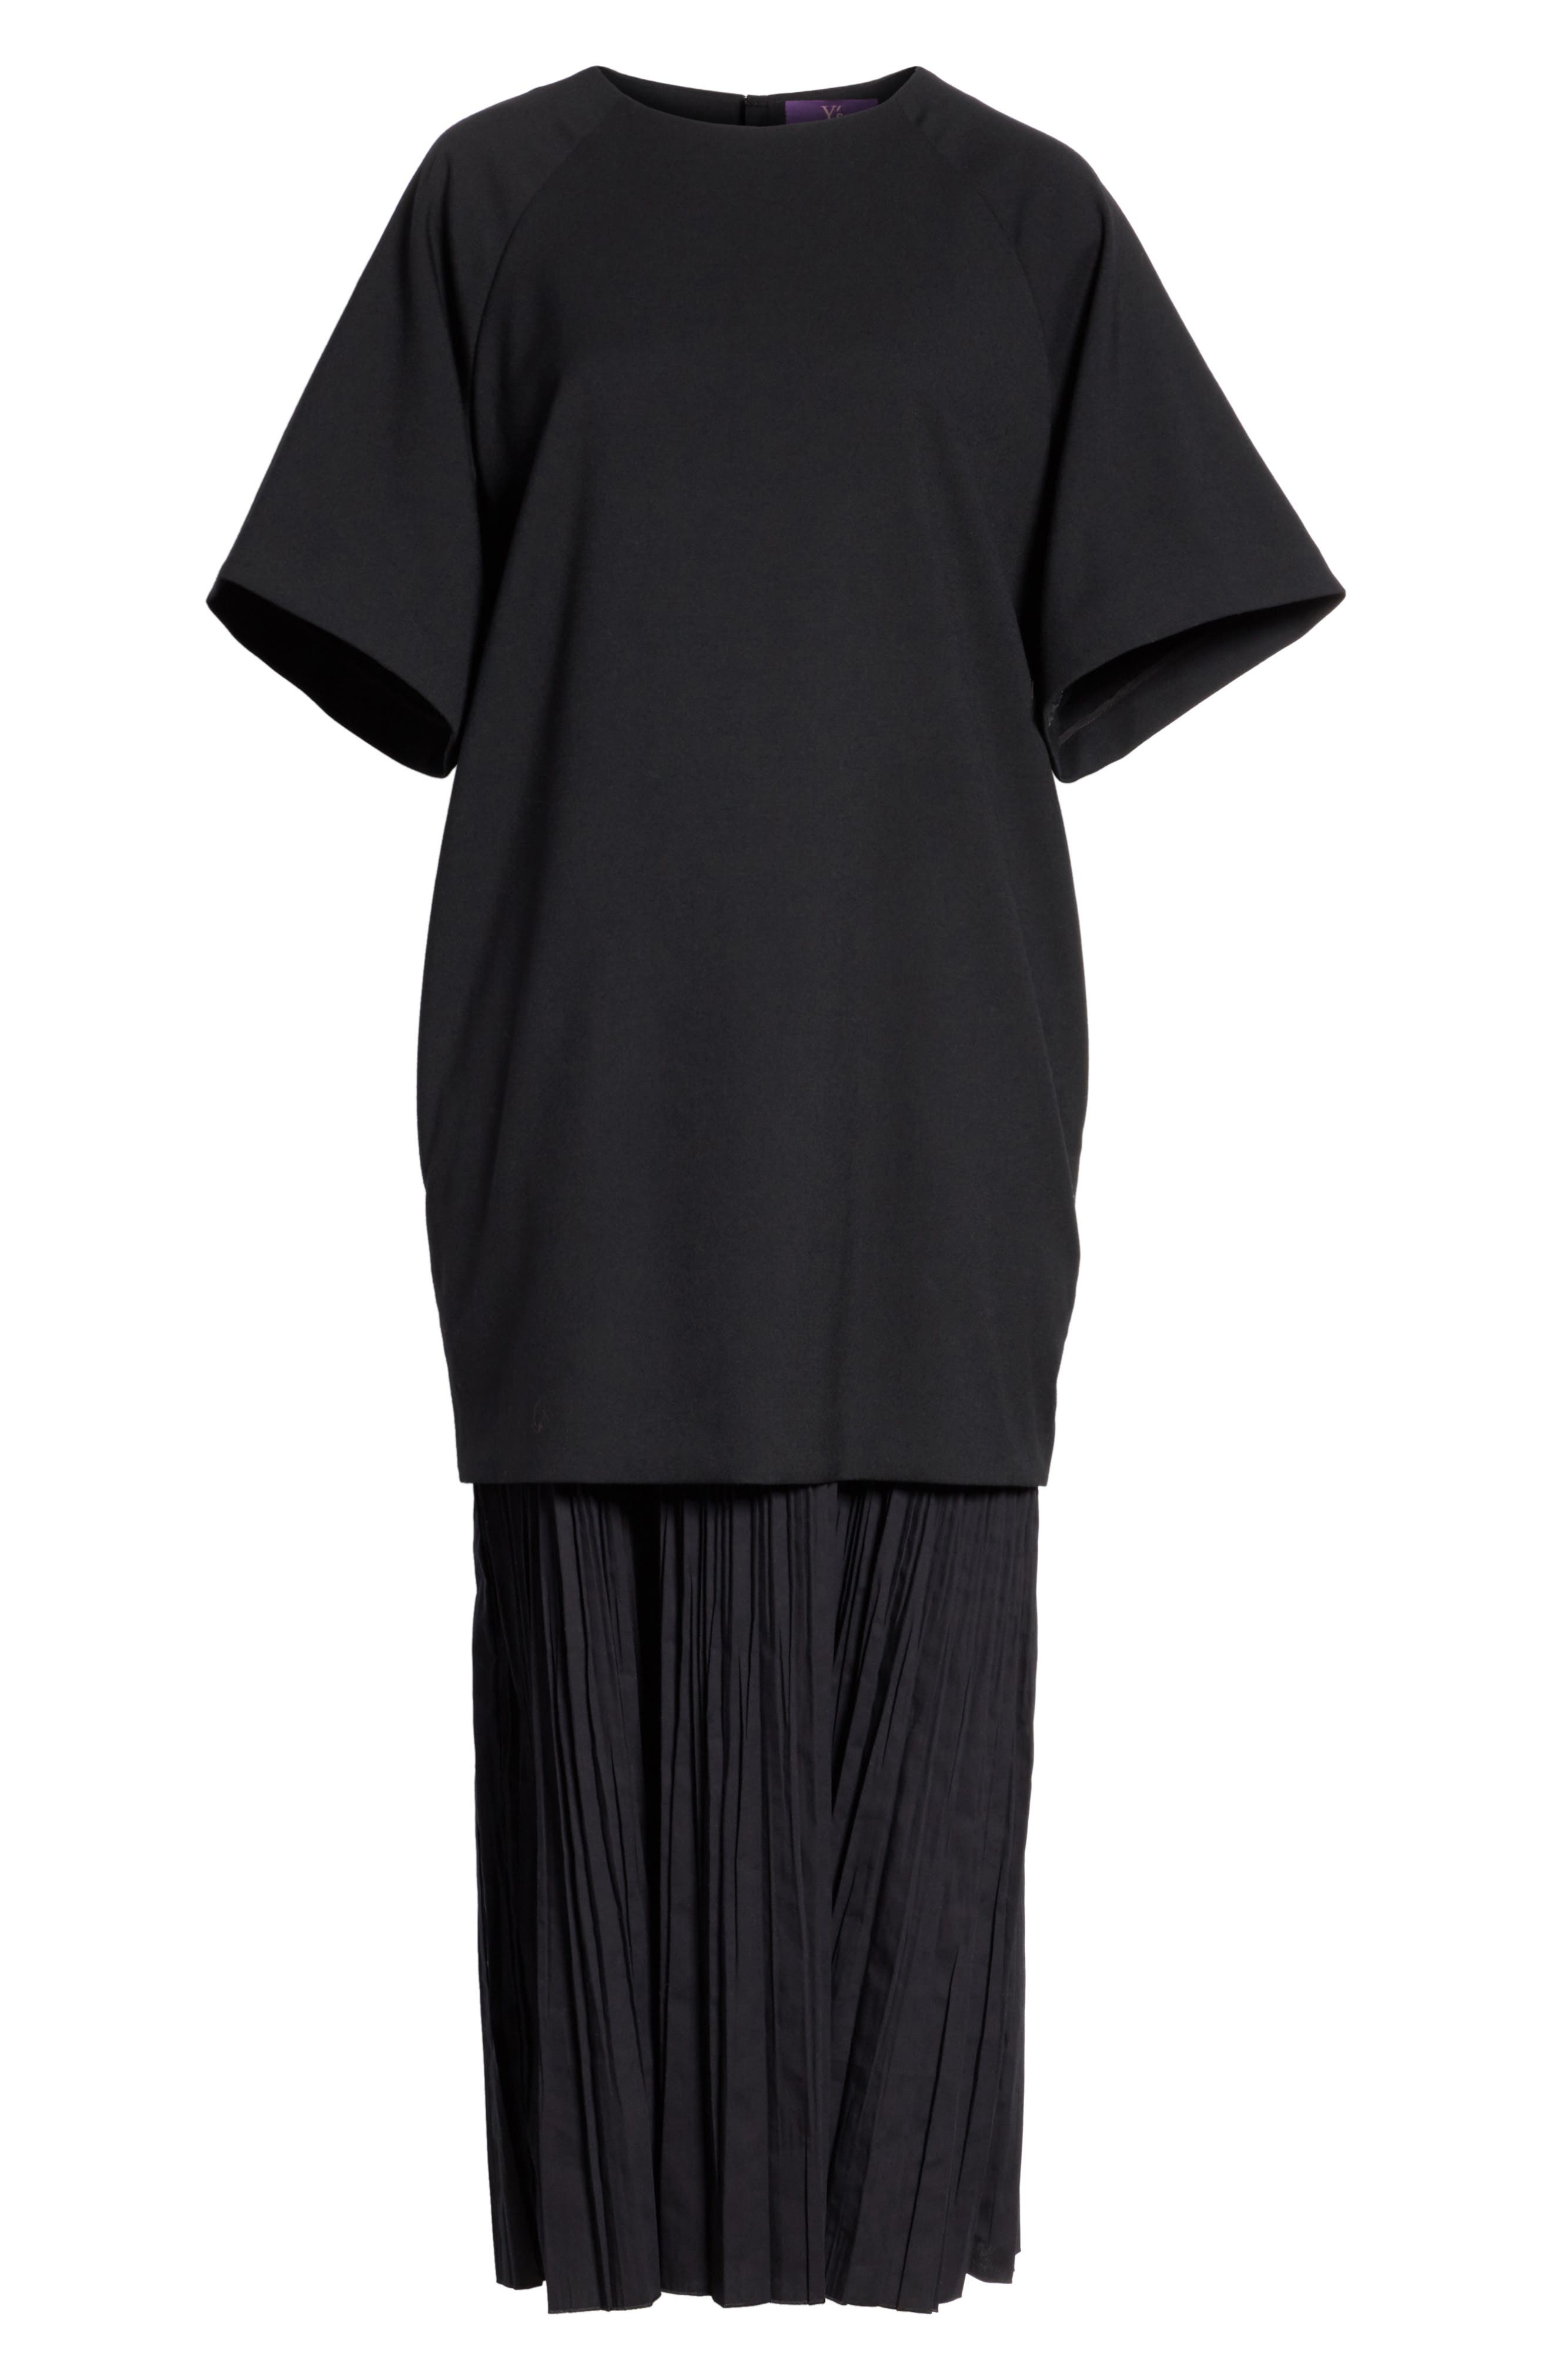 K Bottom Pleated Dress,                             Alternate thumbnail 7, color,                             001